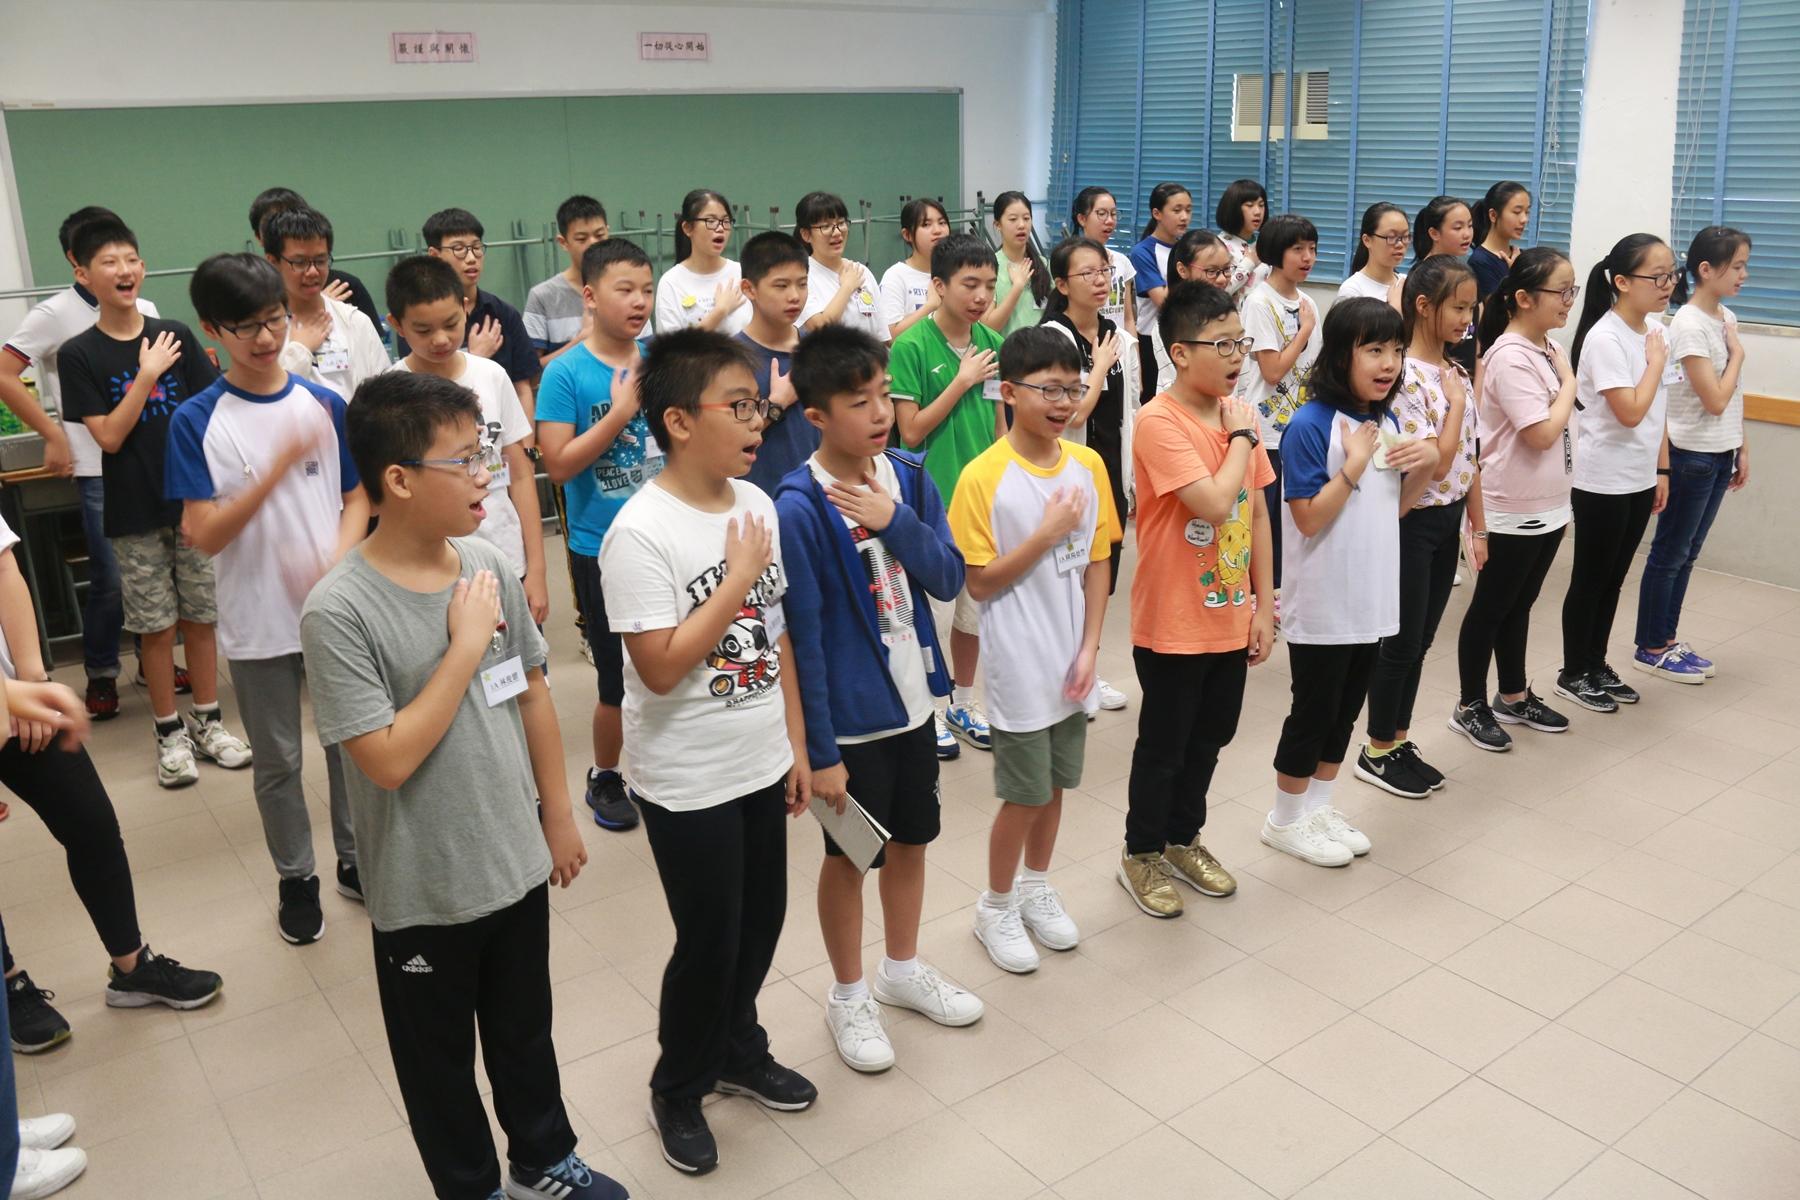 https://www.npc.edu.hk/sites/default/files/1a_zhong_ying_bing_chong_01.jpg